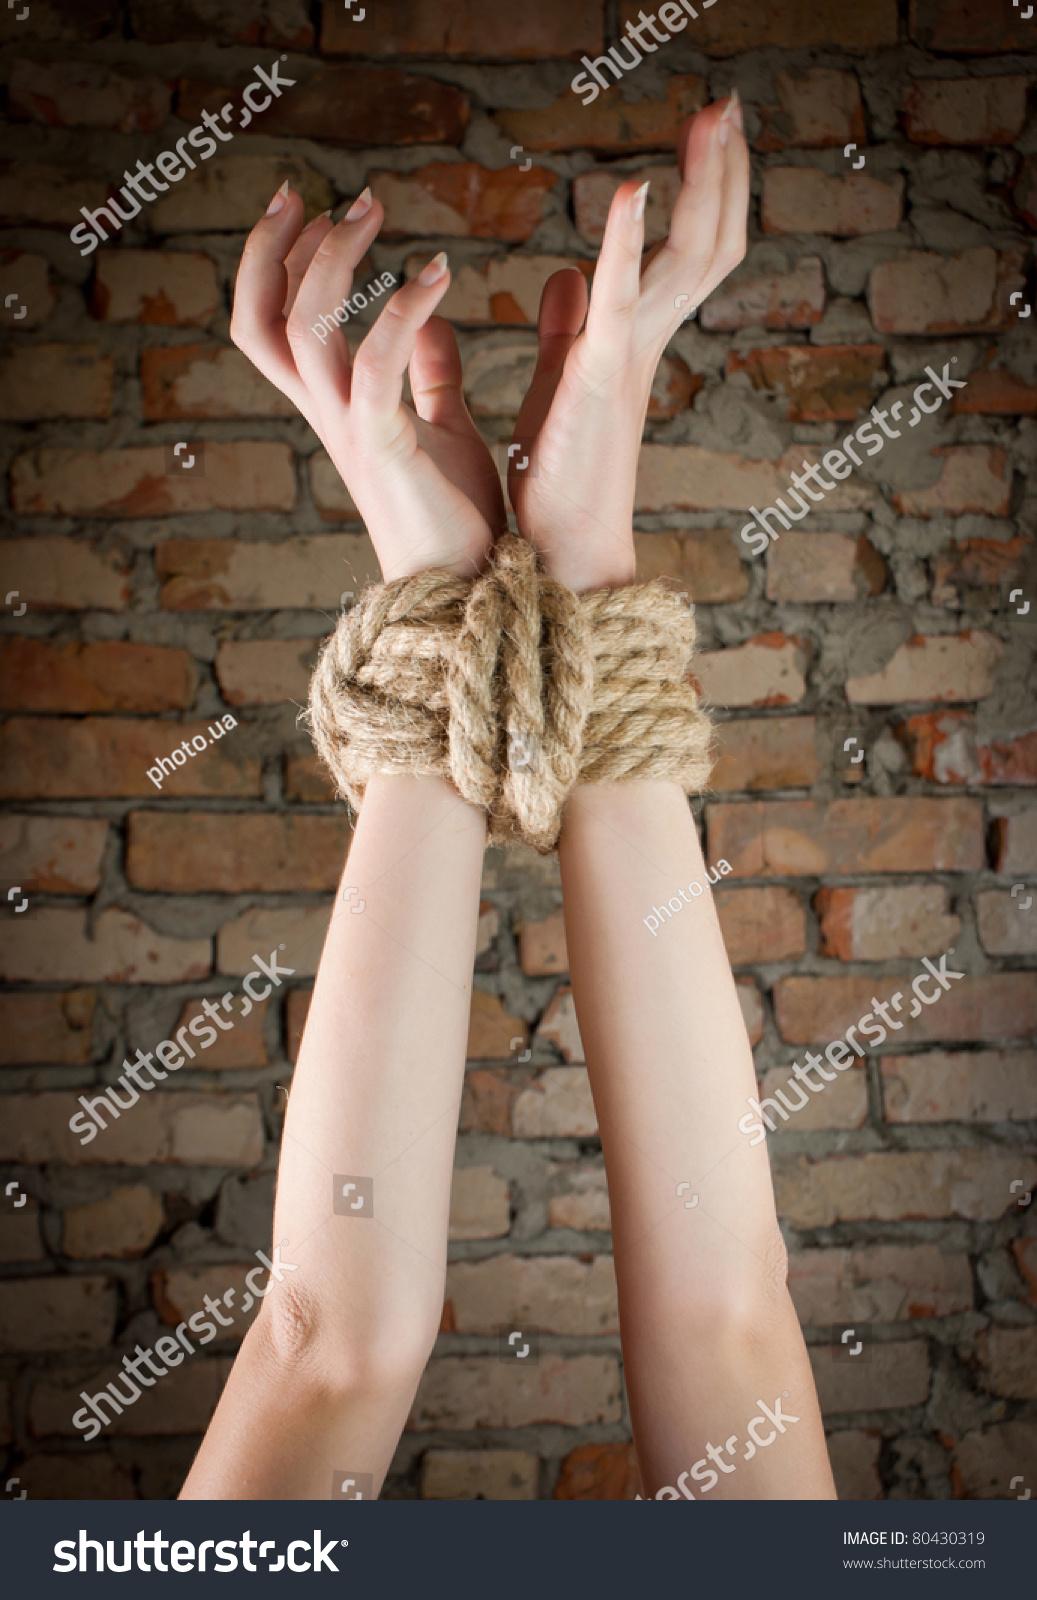 Связанные руки и ноги у девушек 10 фотография